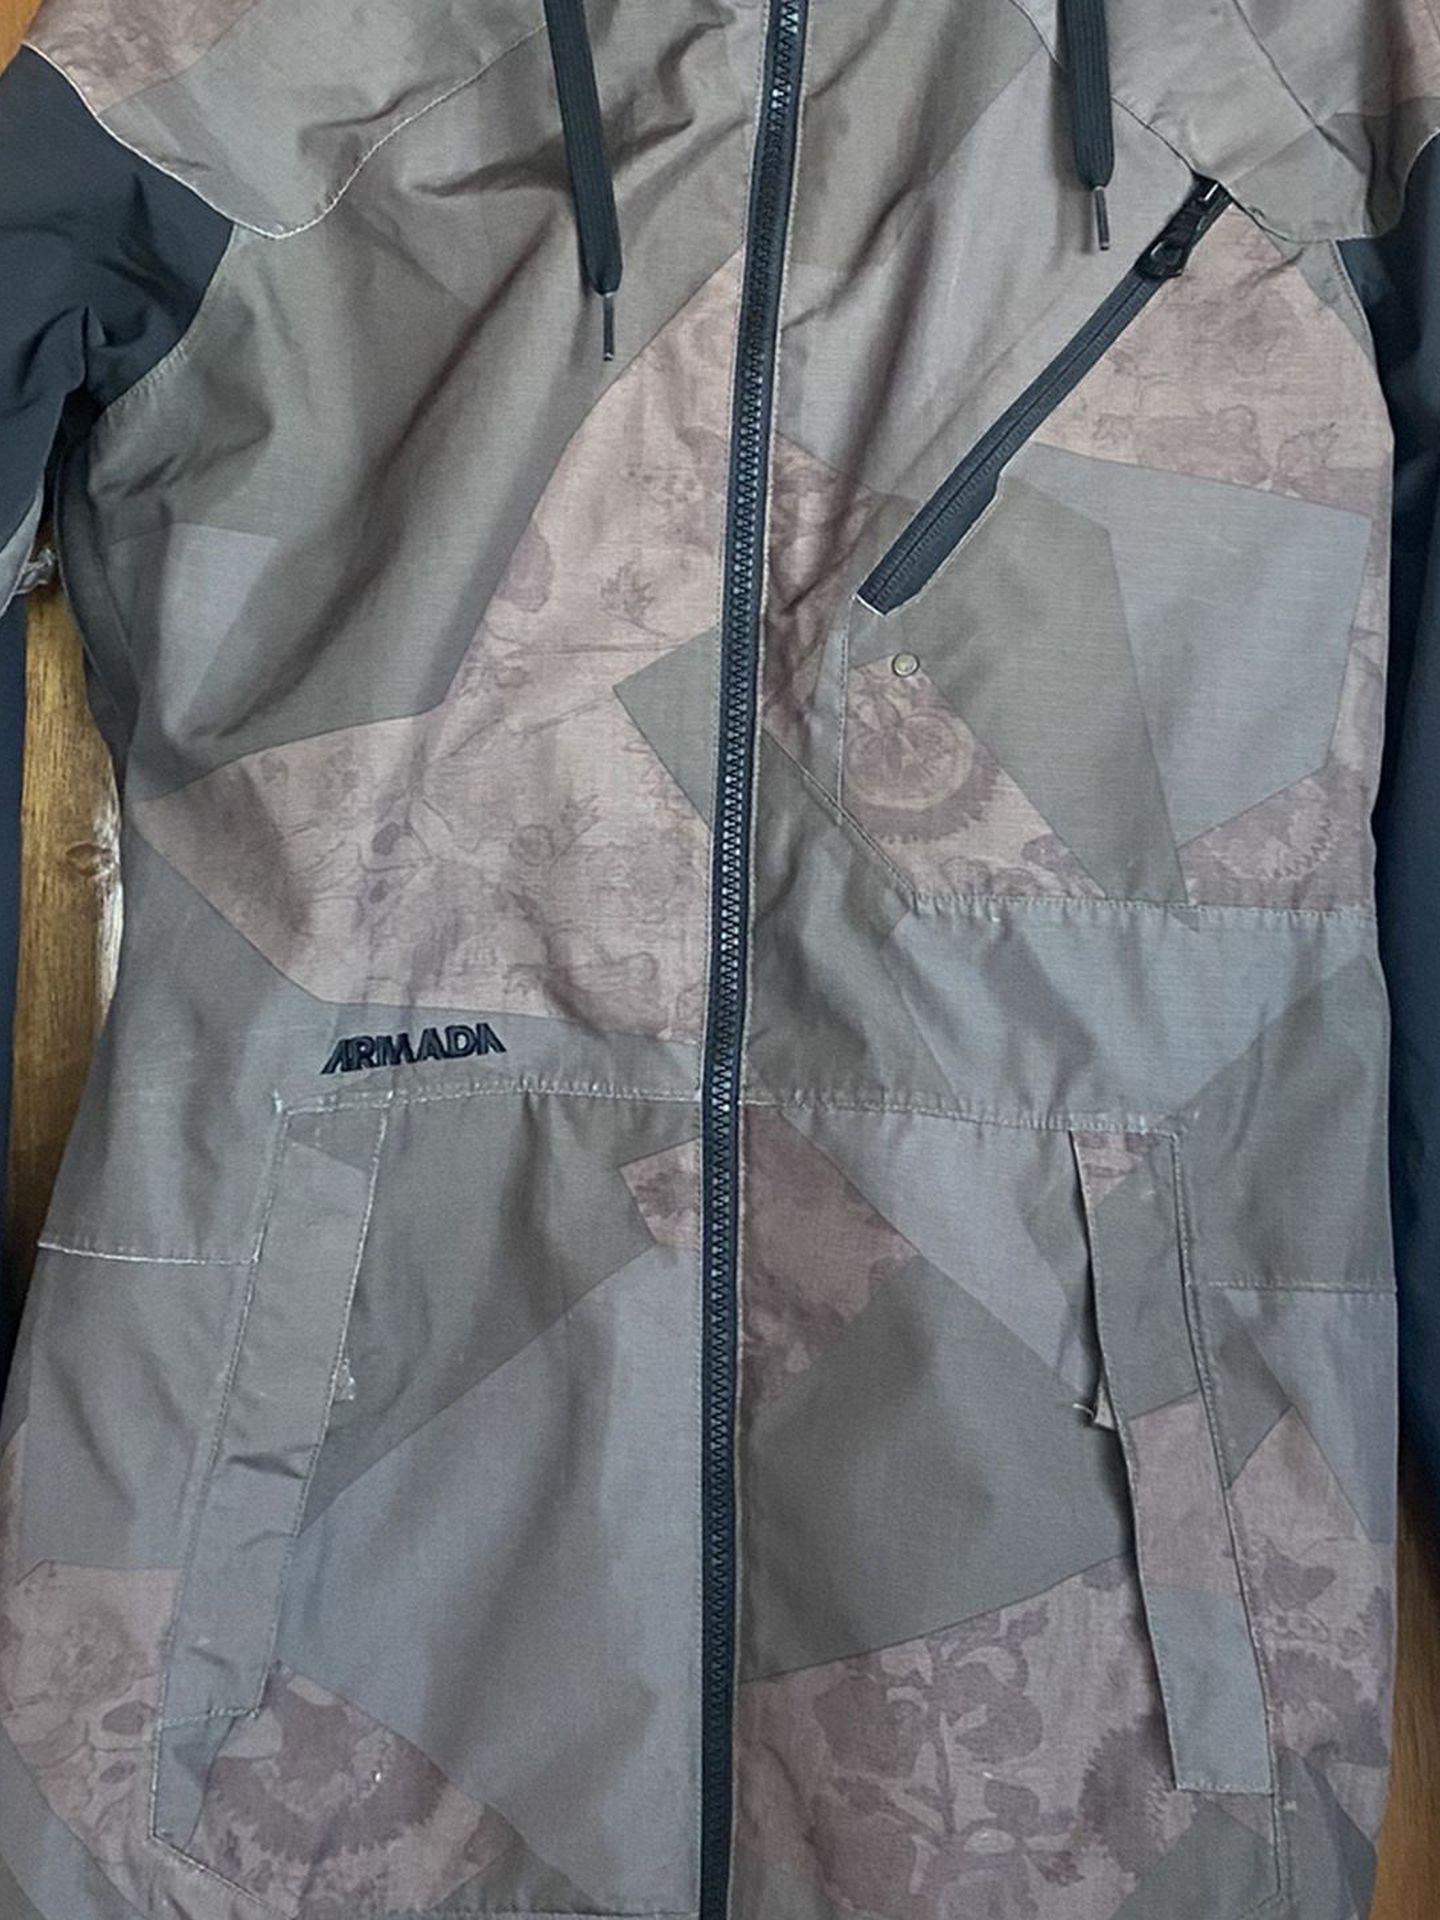 Armada Women's Ski/Snowboard Jacket Size S